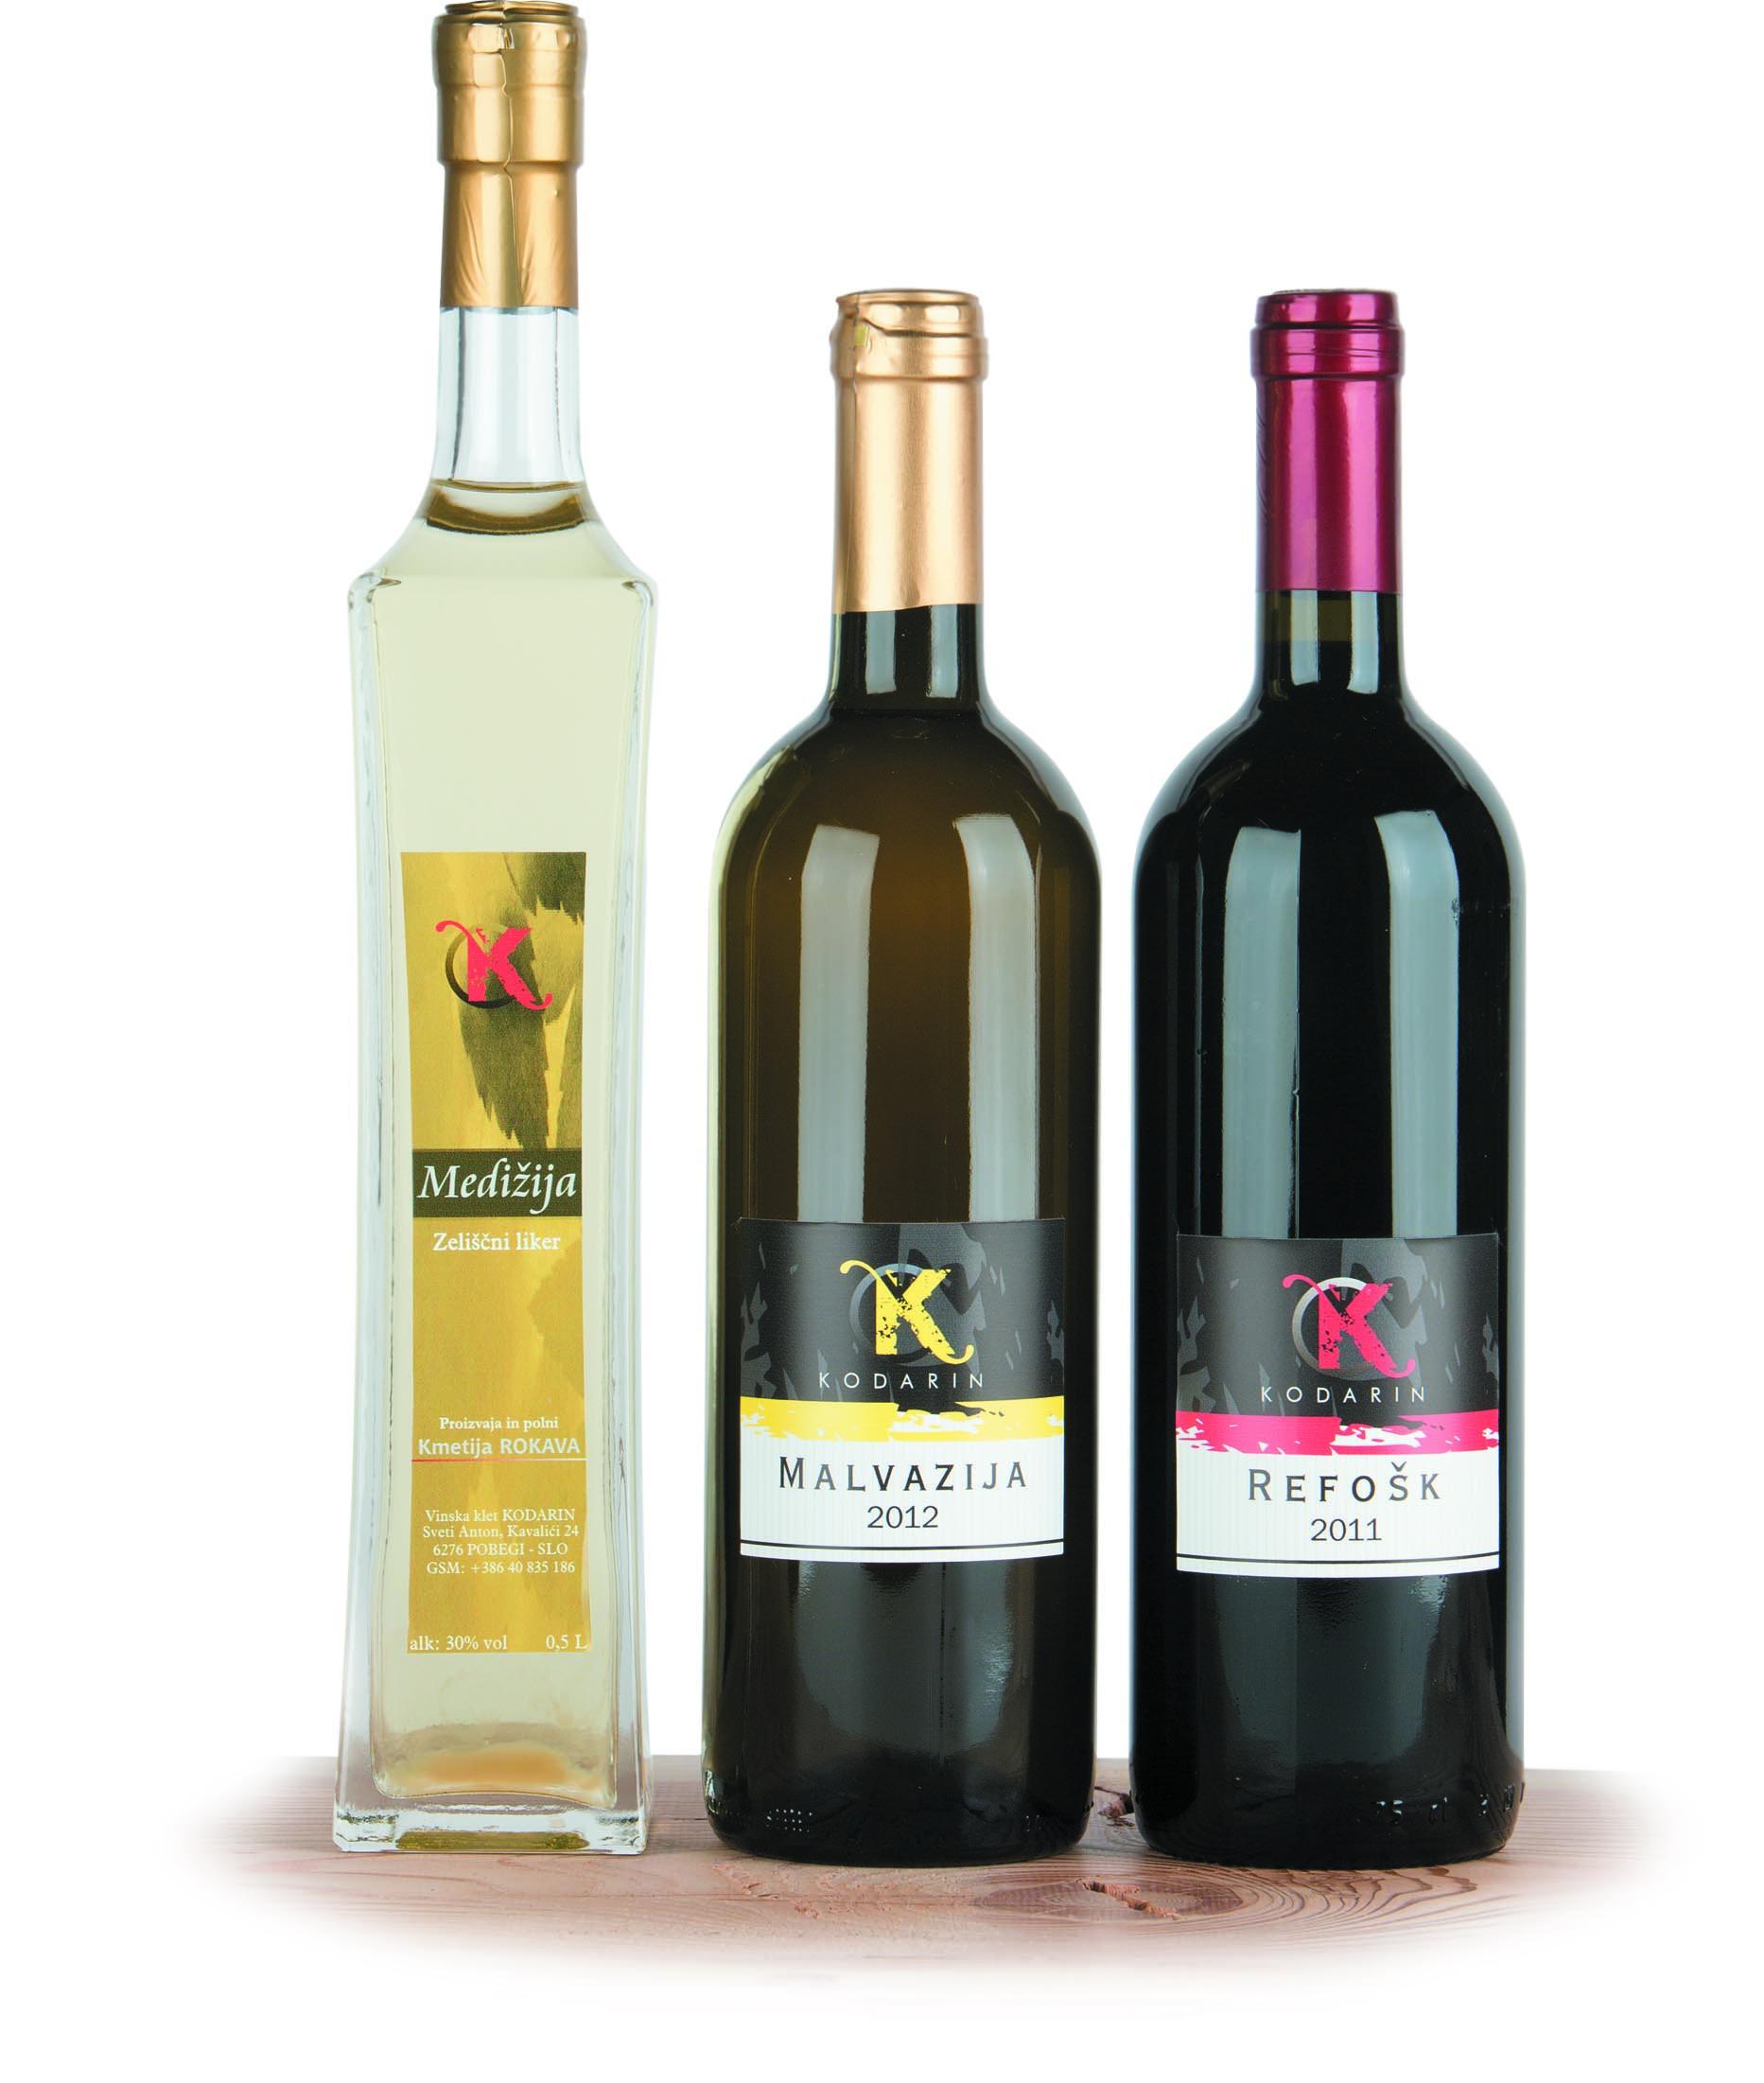 Kodarin-steklenice-izrez